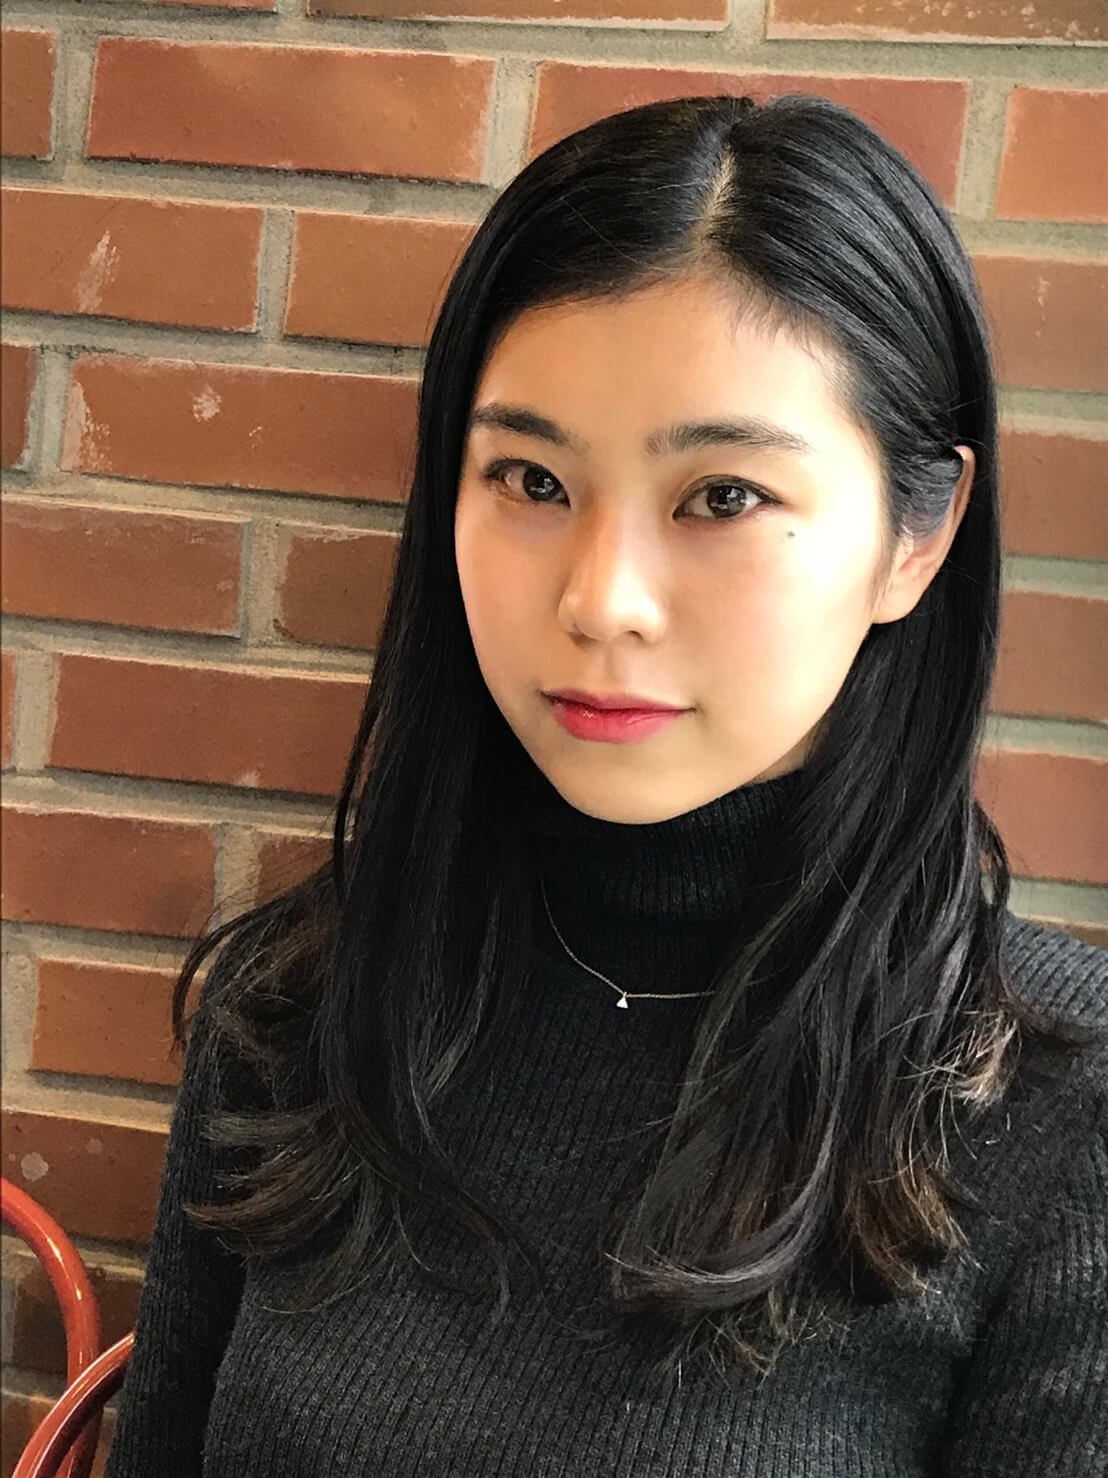 テラハ出演の治田みずき、韓国カルチャーが刺さる理由を語るサムネイル画像